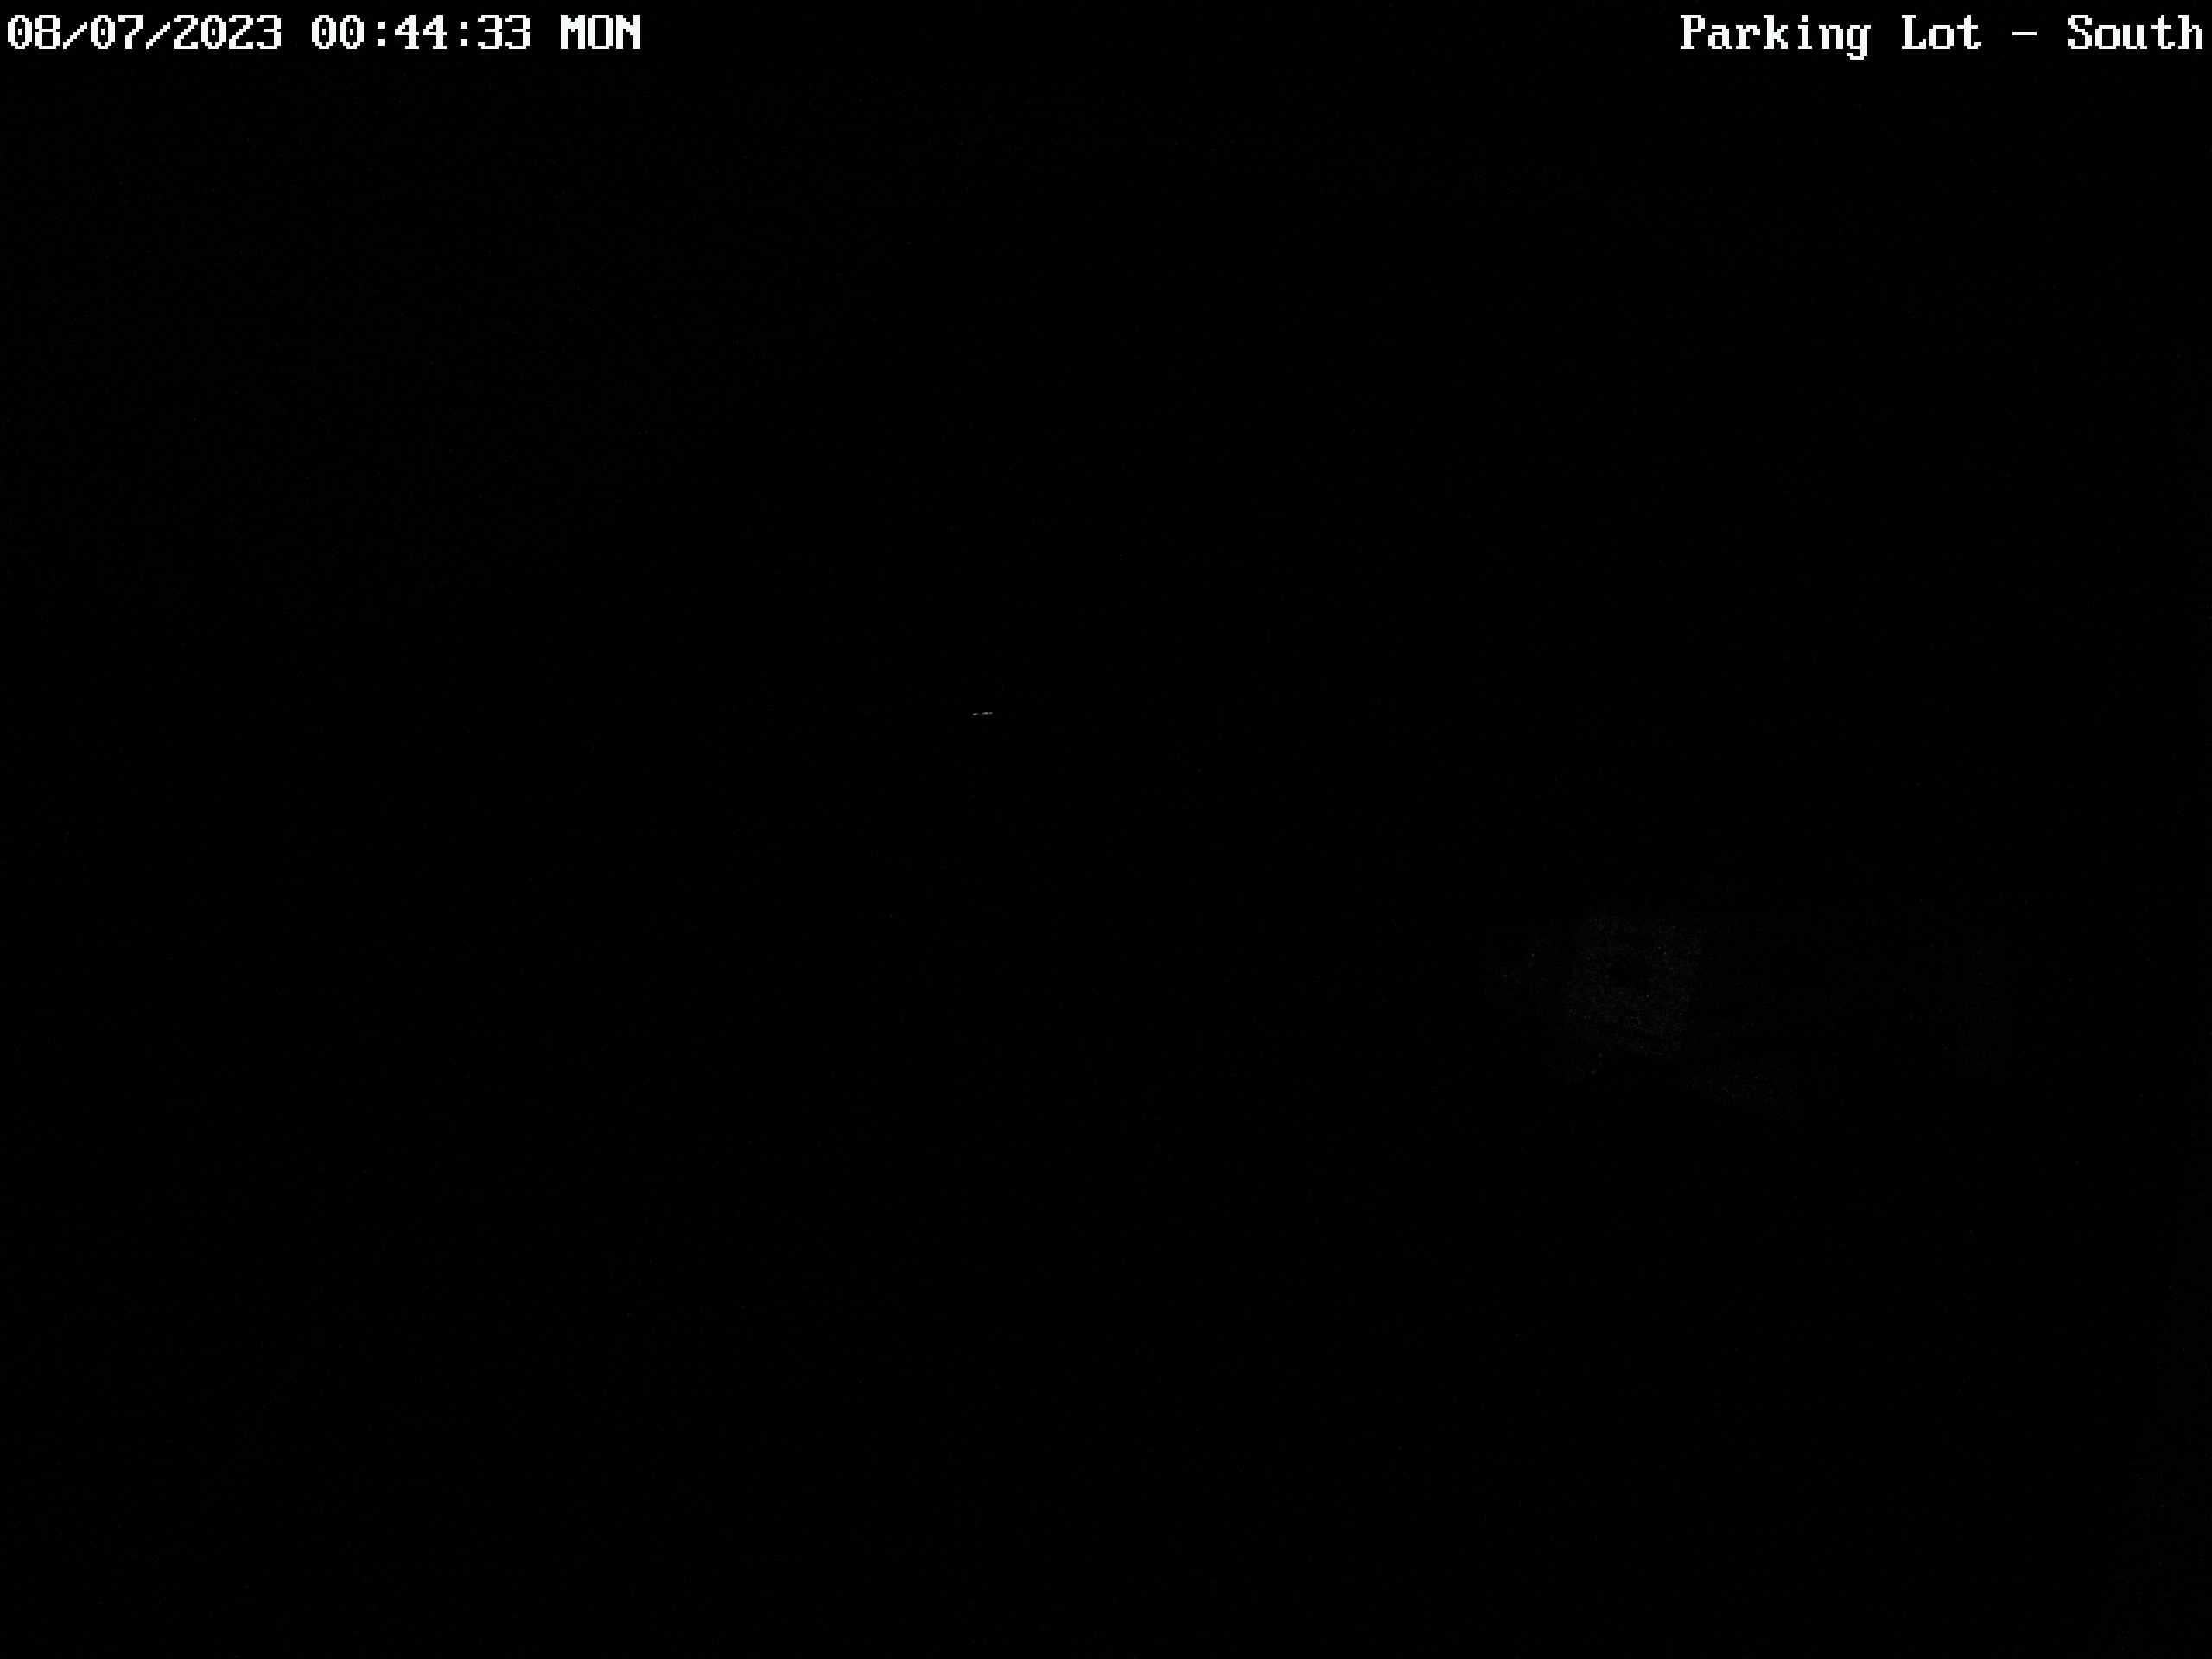 Hoodoo – Parking Lot webcam image